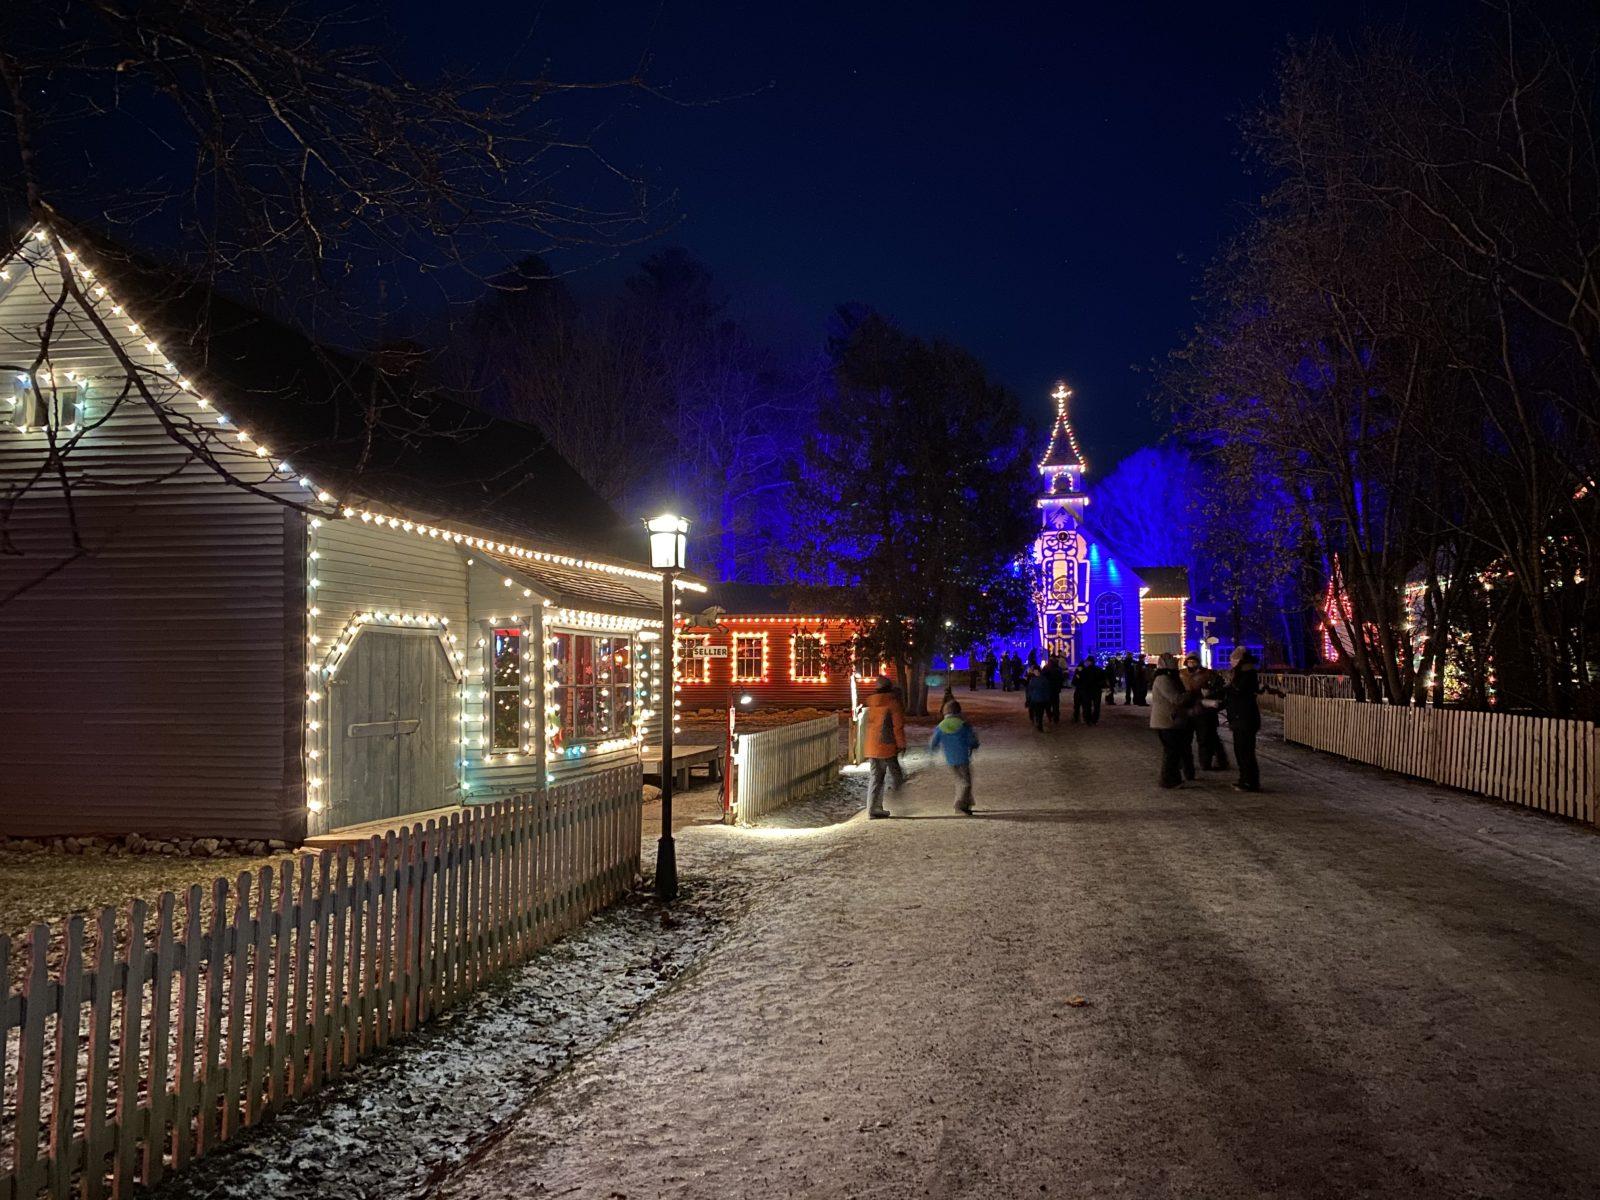 Le Village illuminé Desjardins a brillé de mille feux cet hiver (photos)